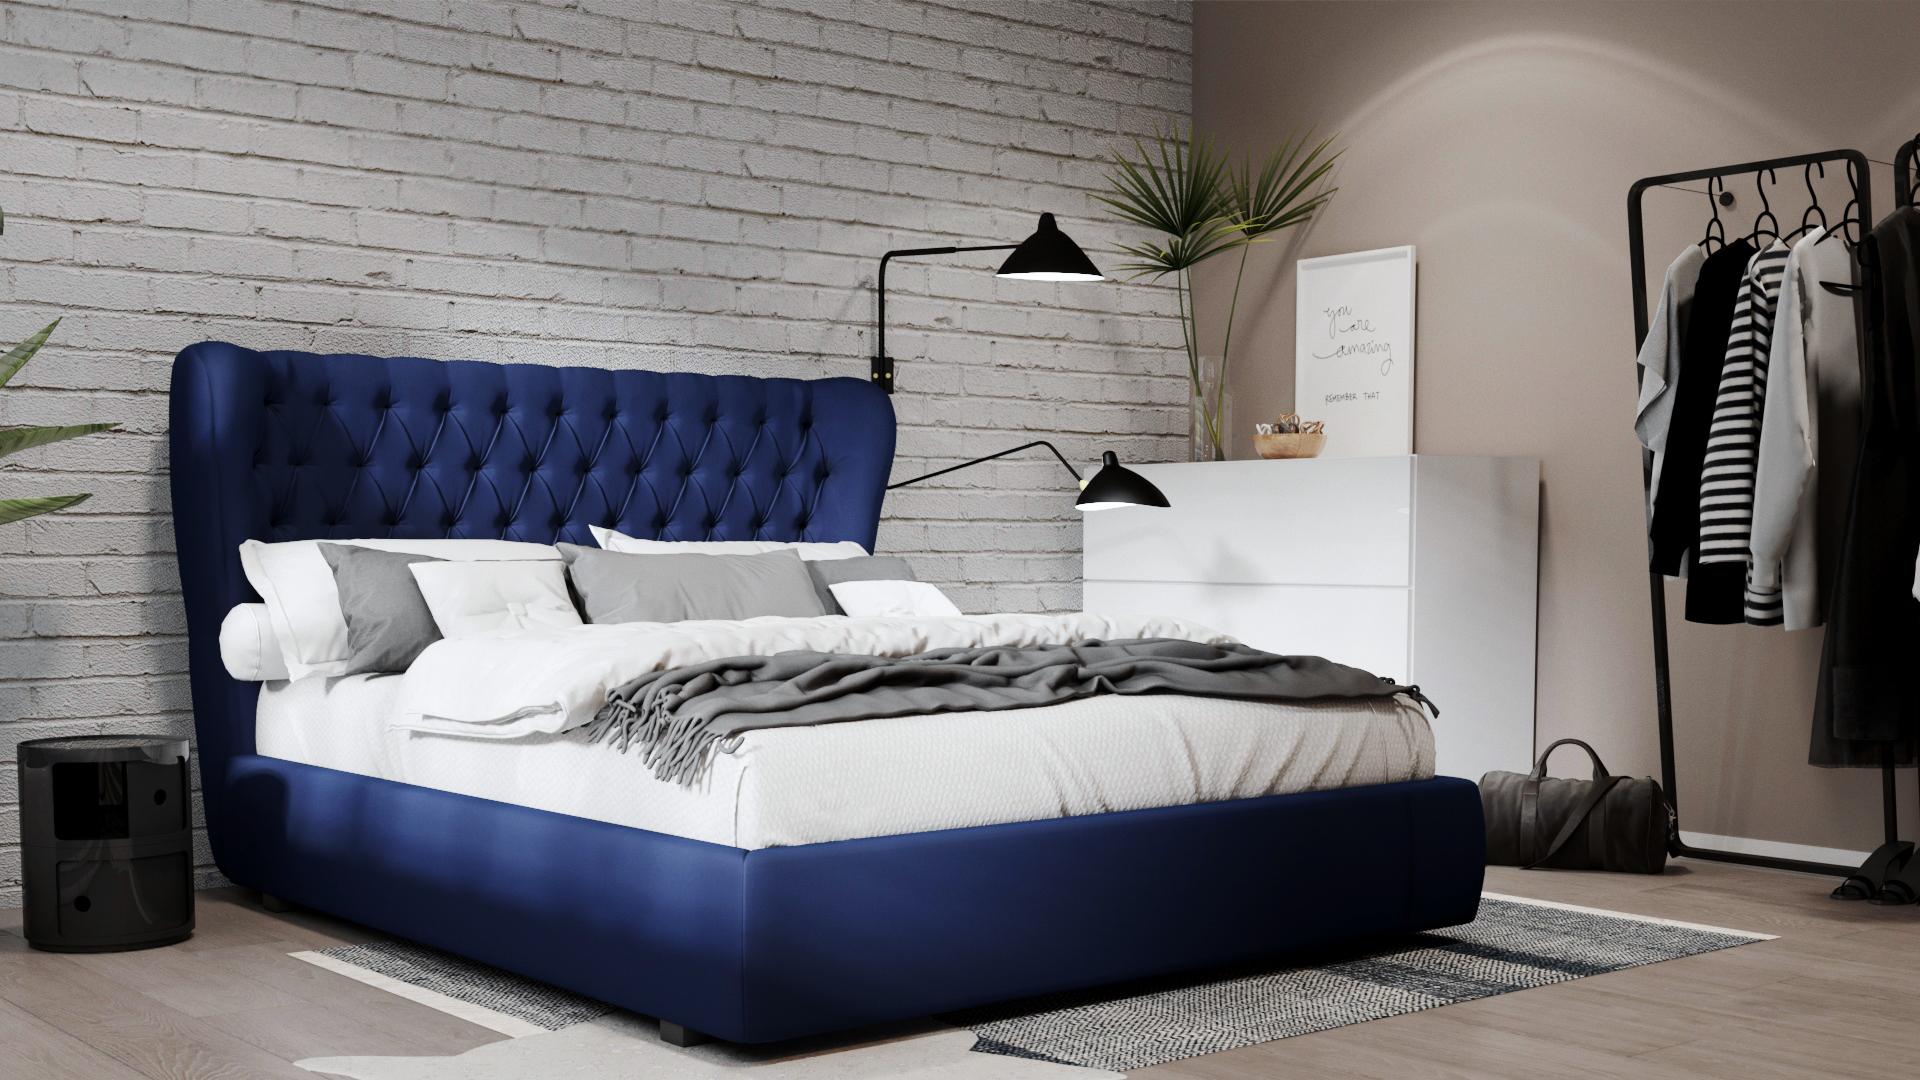 Double Beds In Trendy Bedroom